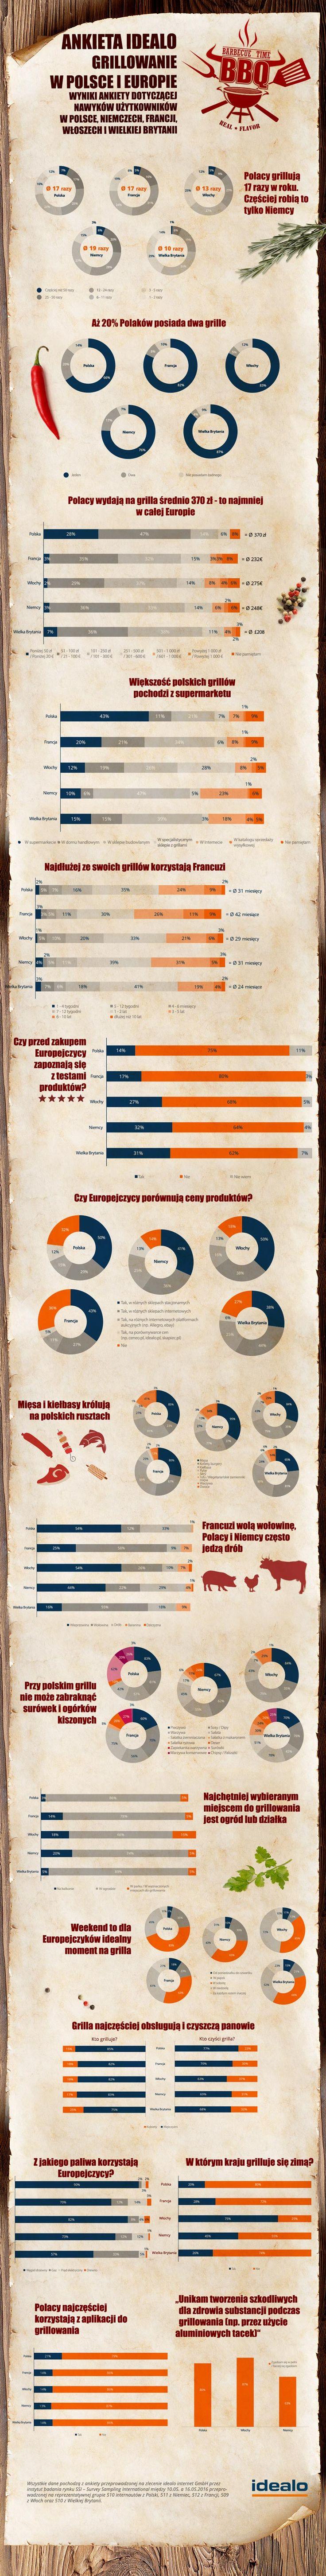 Grillowe zwyczaje Polaków: Wyniki ankiety idealo na infografice: http://bit.ly/1Uax7zU